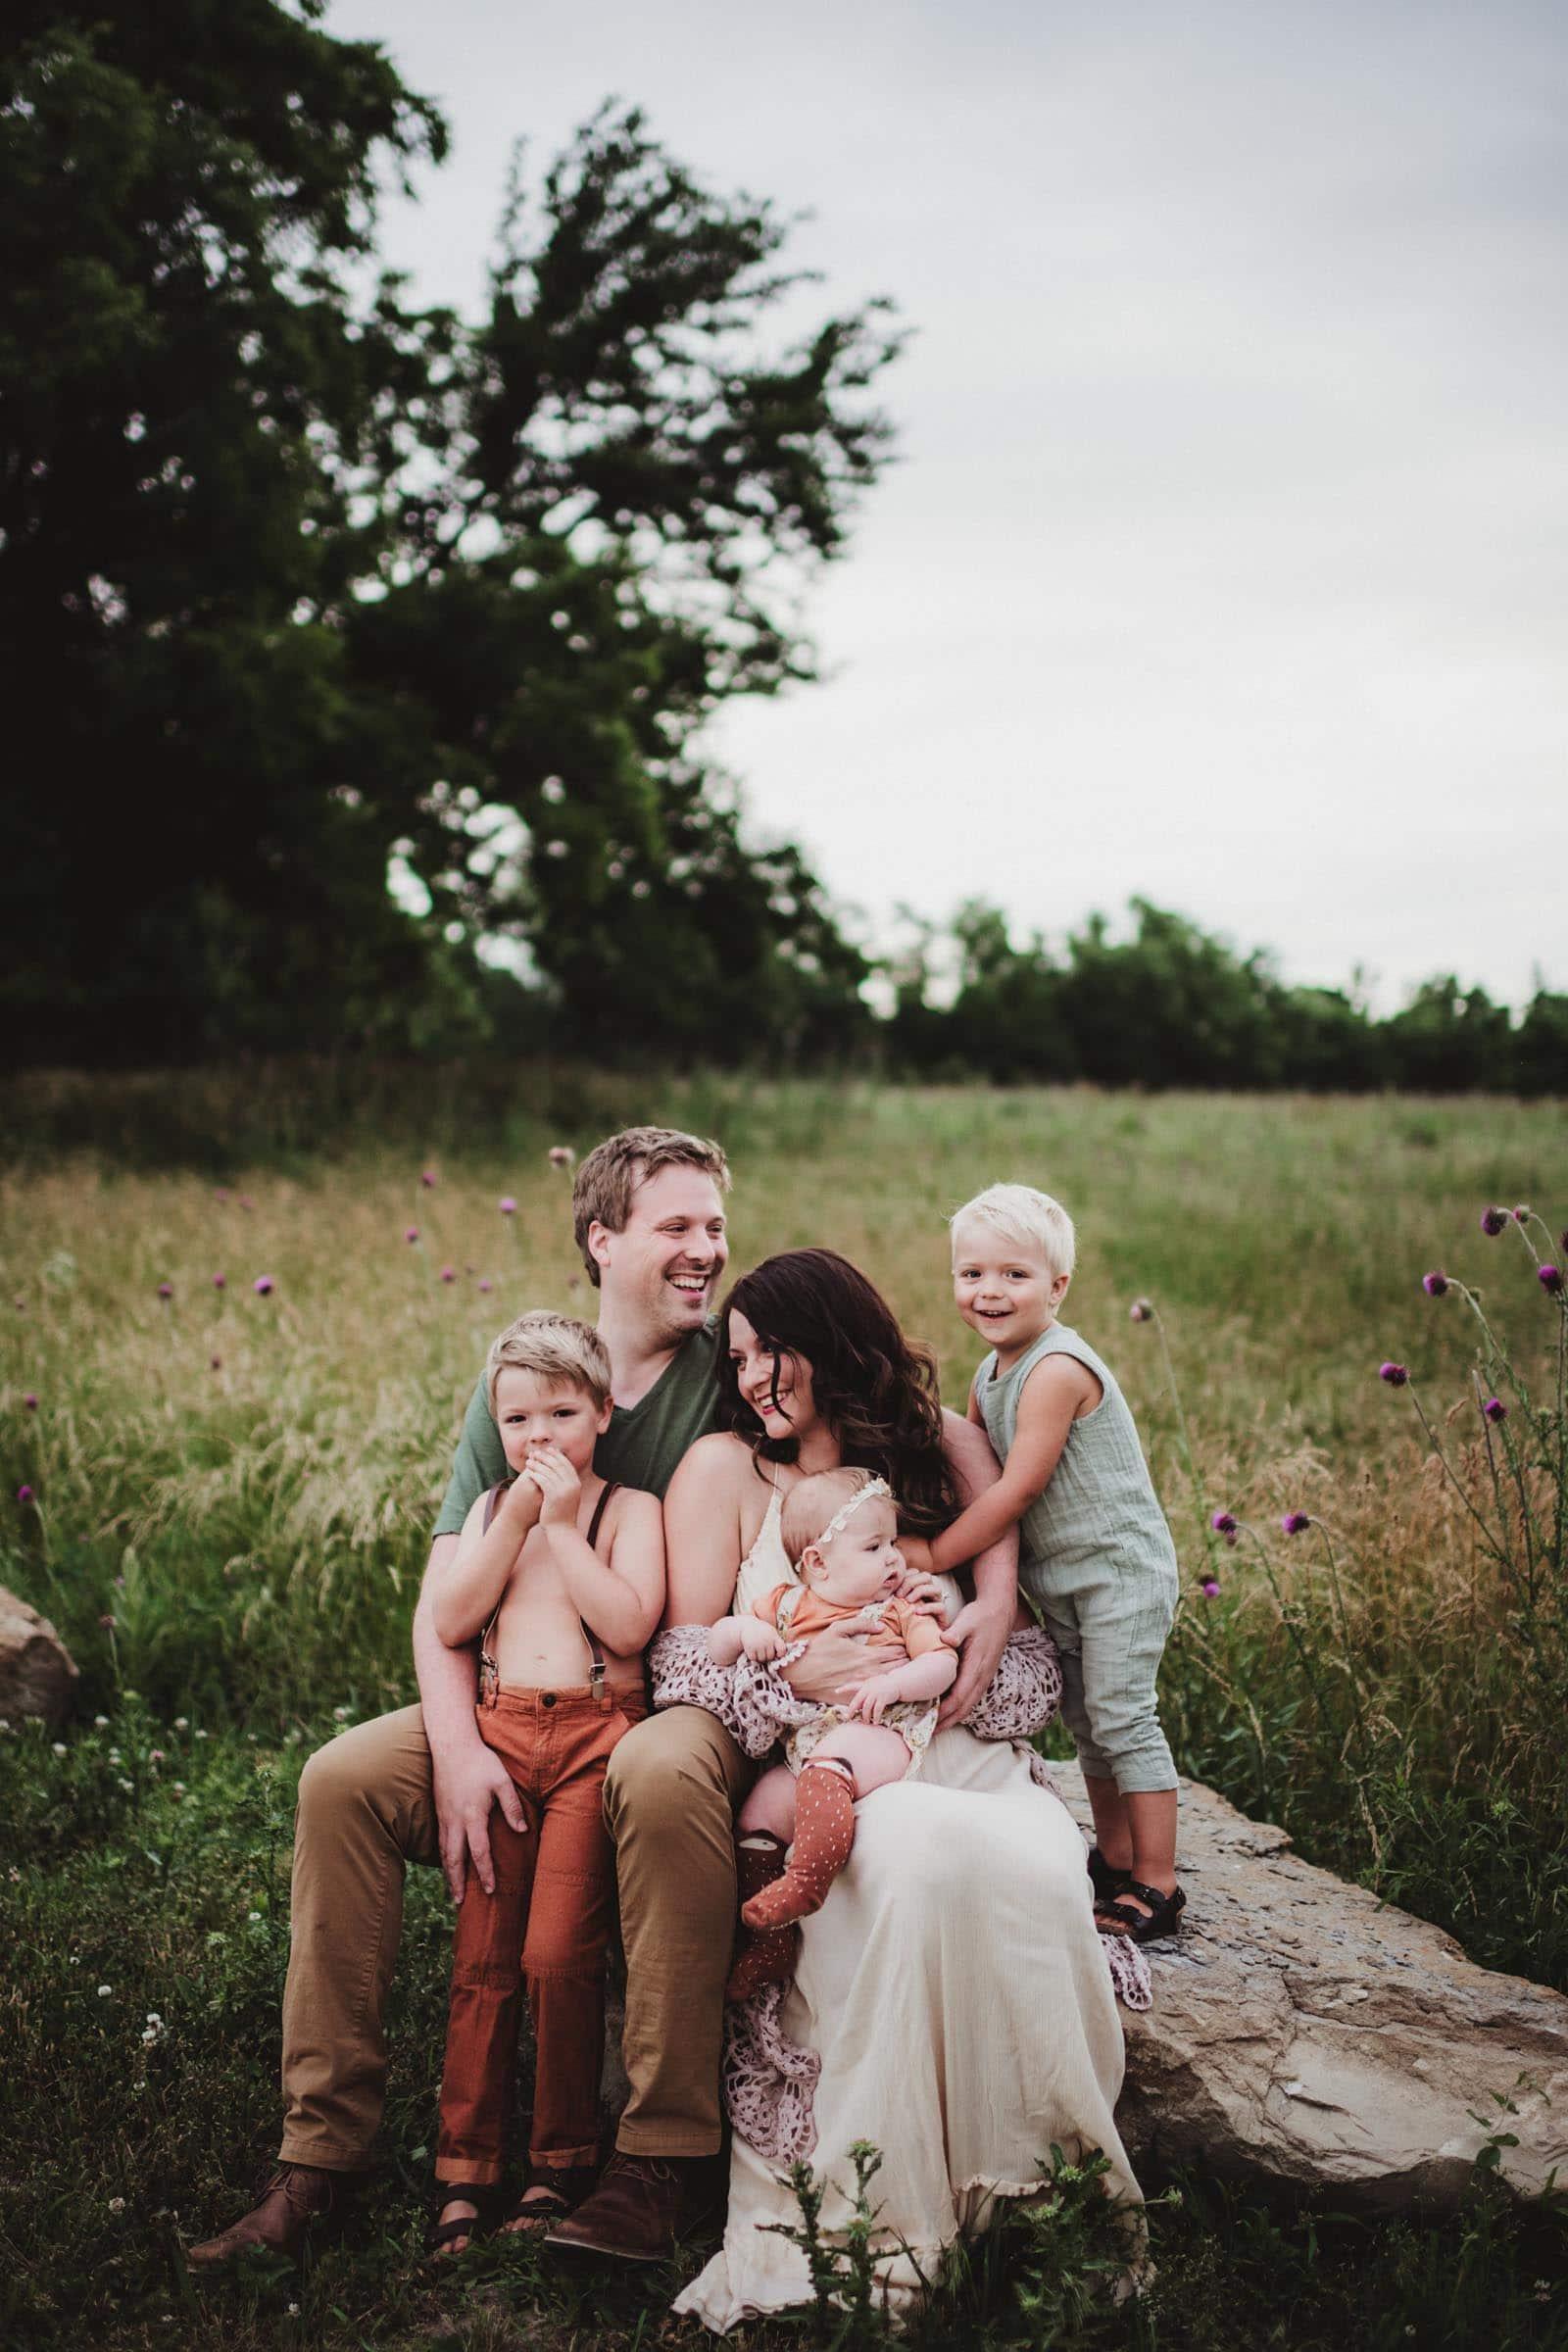 Family on Rock in Field